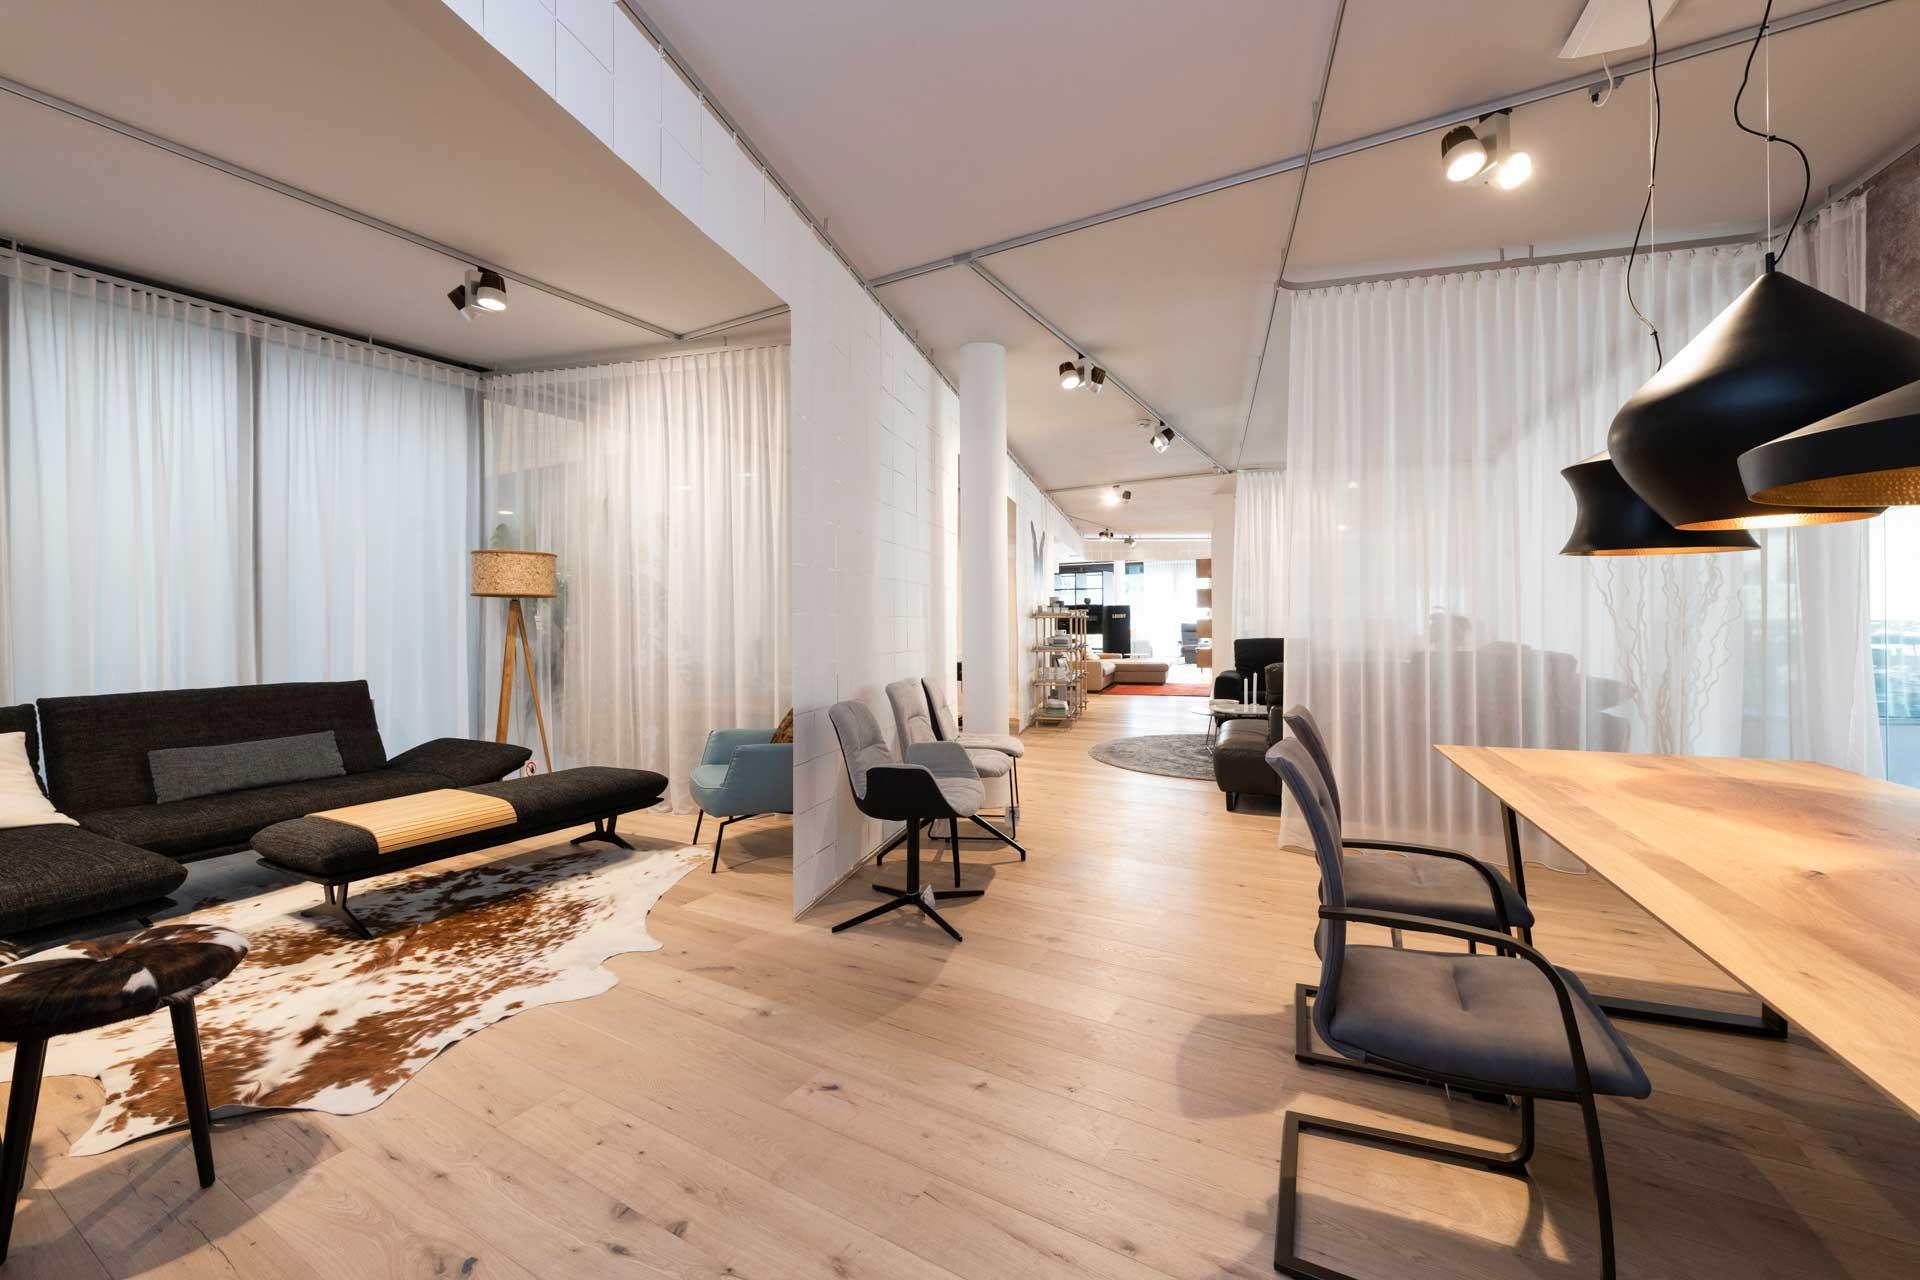 couchzone - Interior Design Innsbruck - Möbel, Tische und Küchen